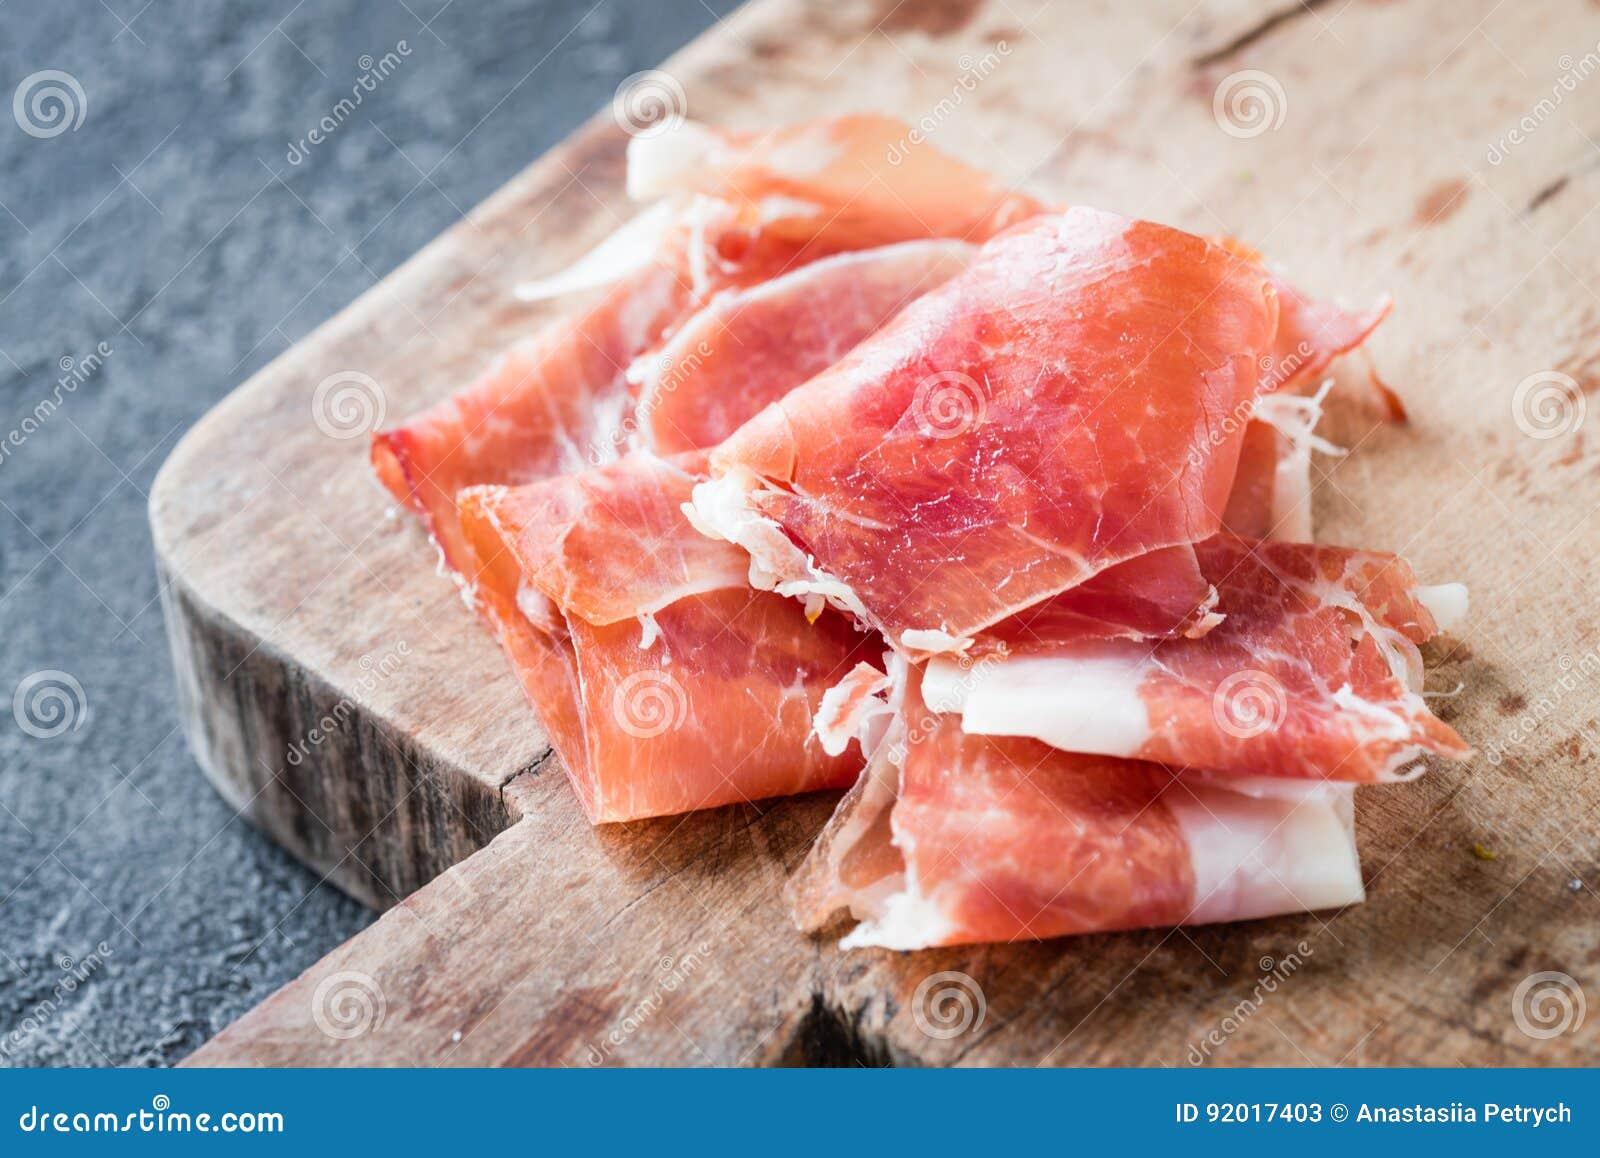 Zbliżenie Hiszpański baleronu jamon serrano lub włoszczyzny prosciutto crudo